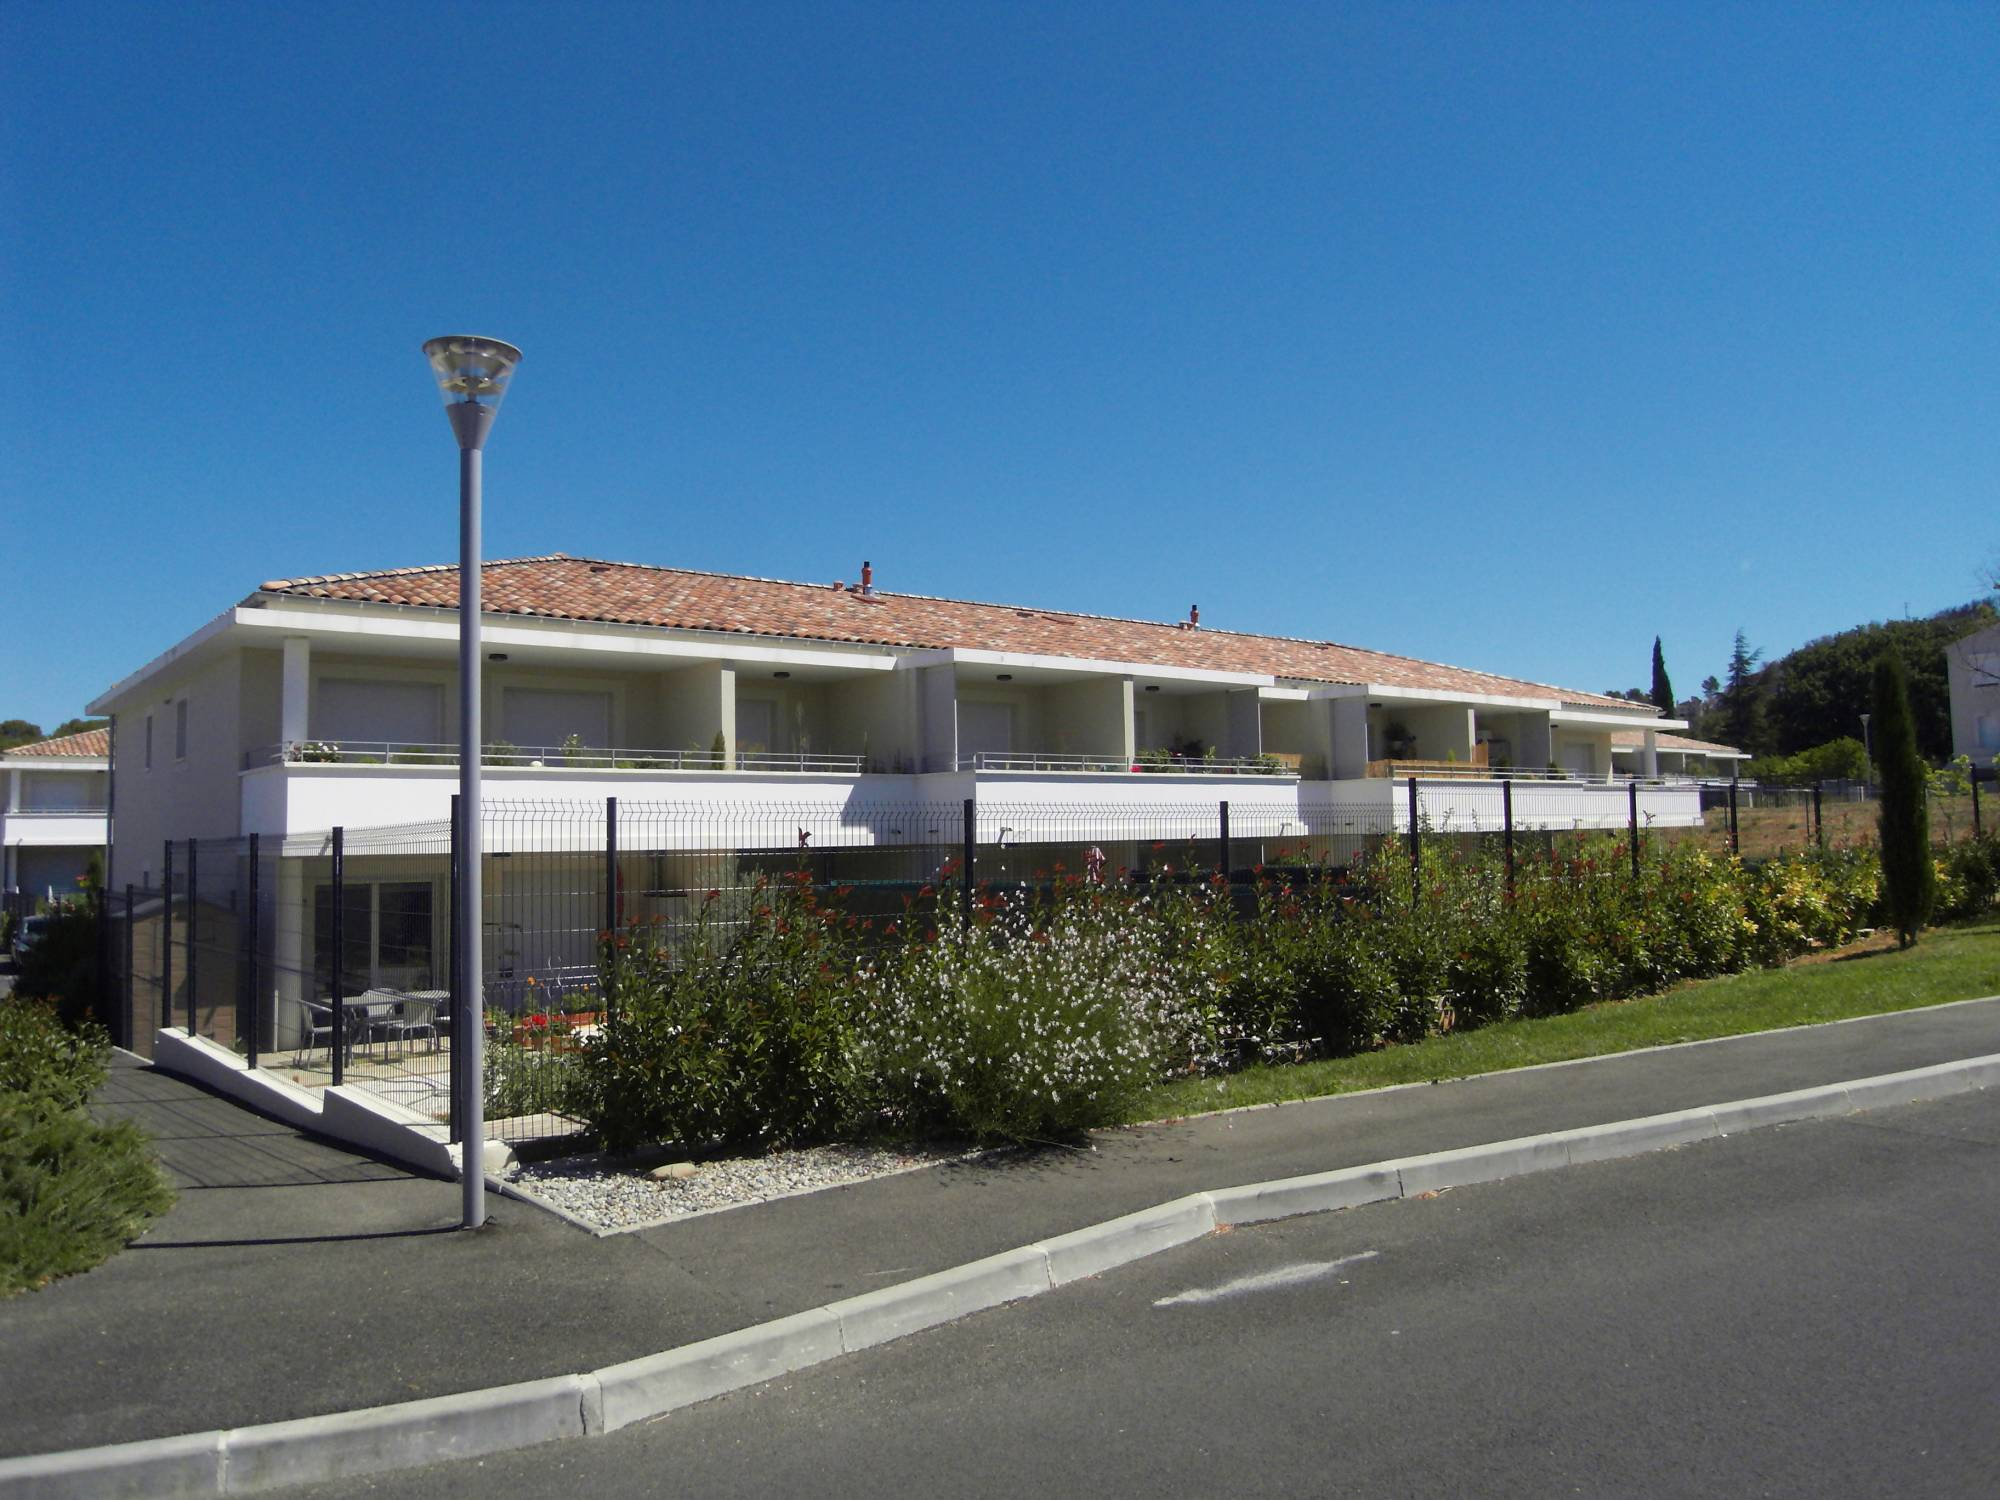 Maison Avec Piscine Et Jardin À Louer Marseille 13 ... tout Maison Avec Jardin A Louer